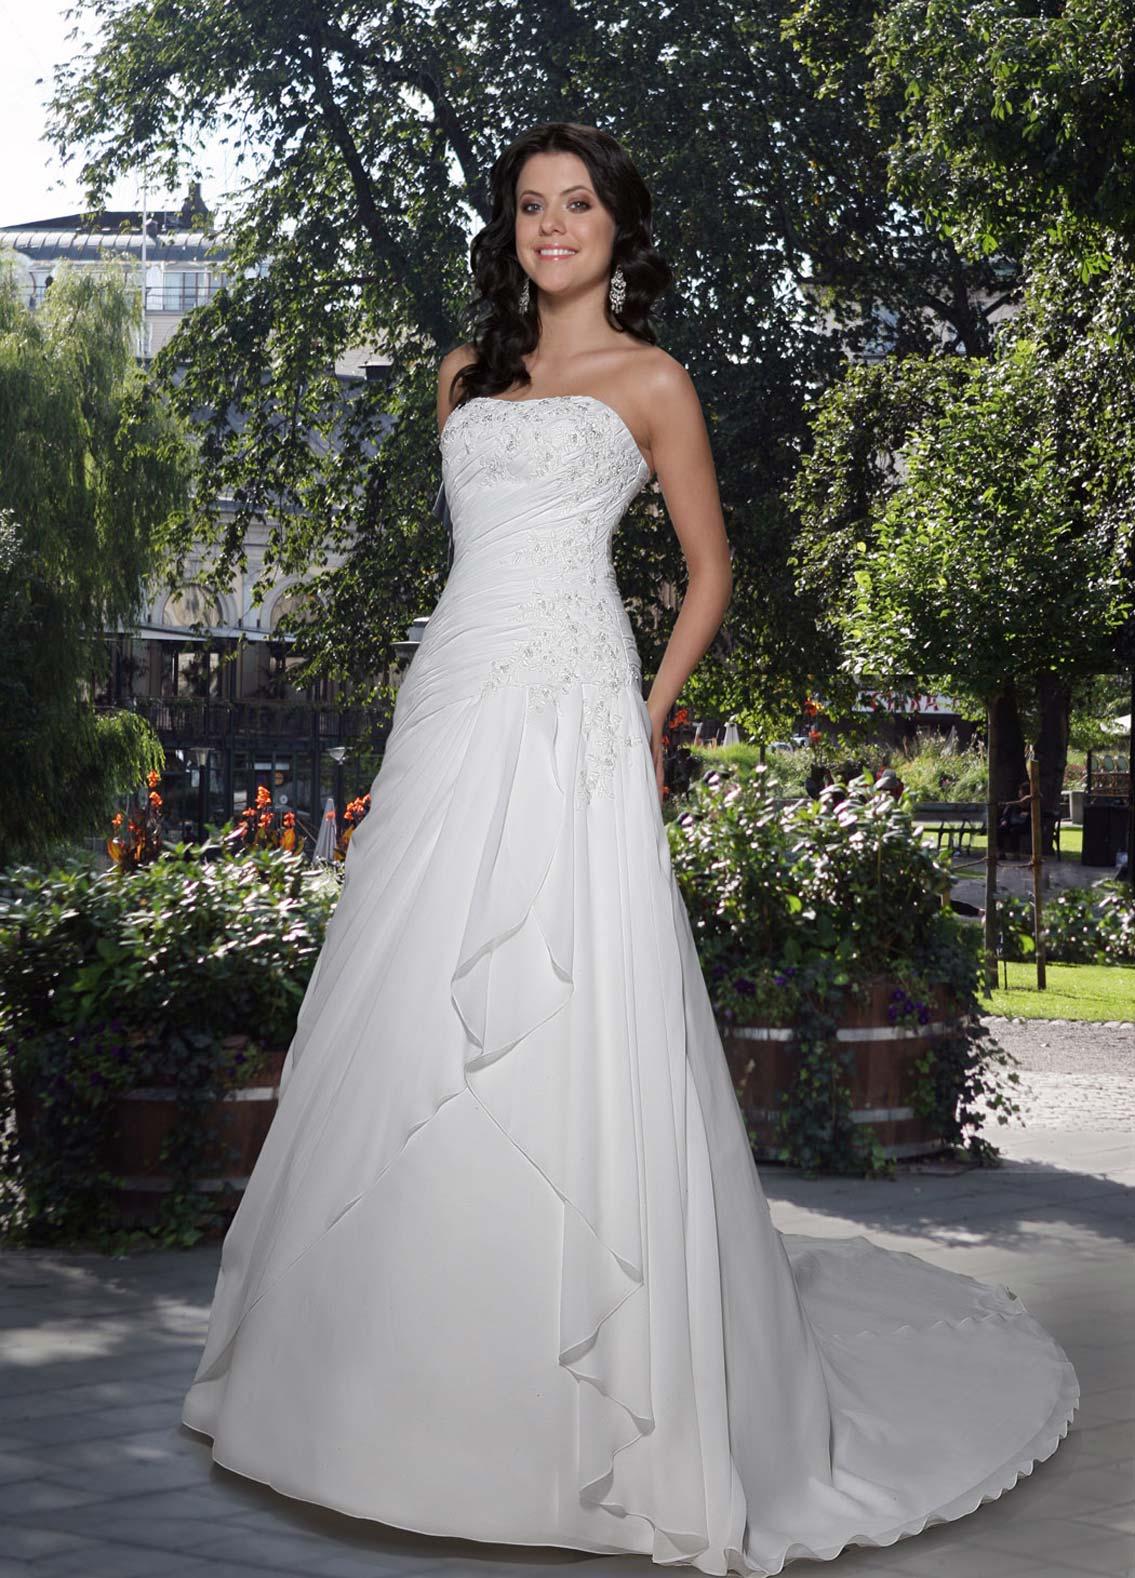 DaVinci Bridal Dresses